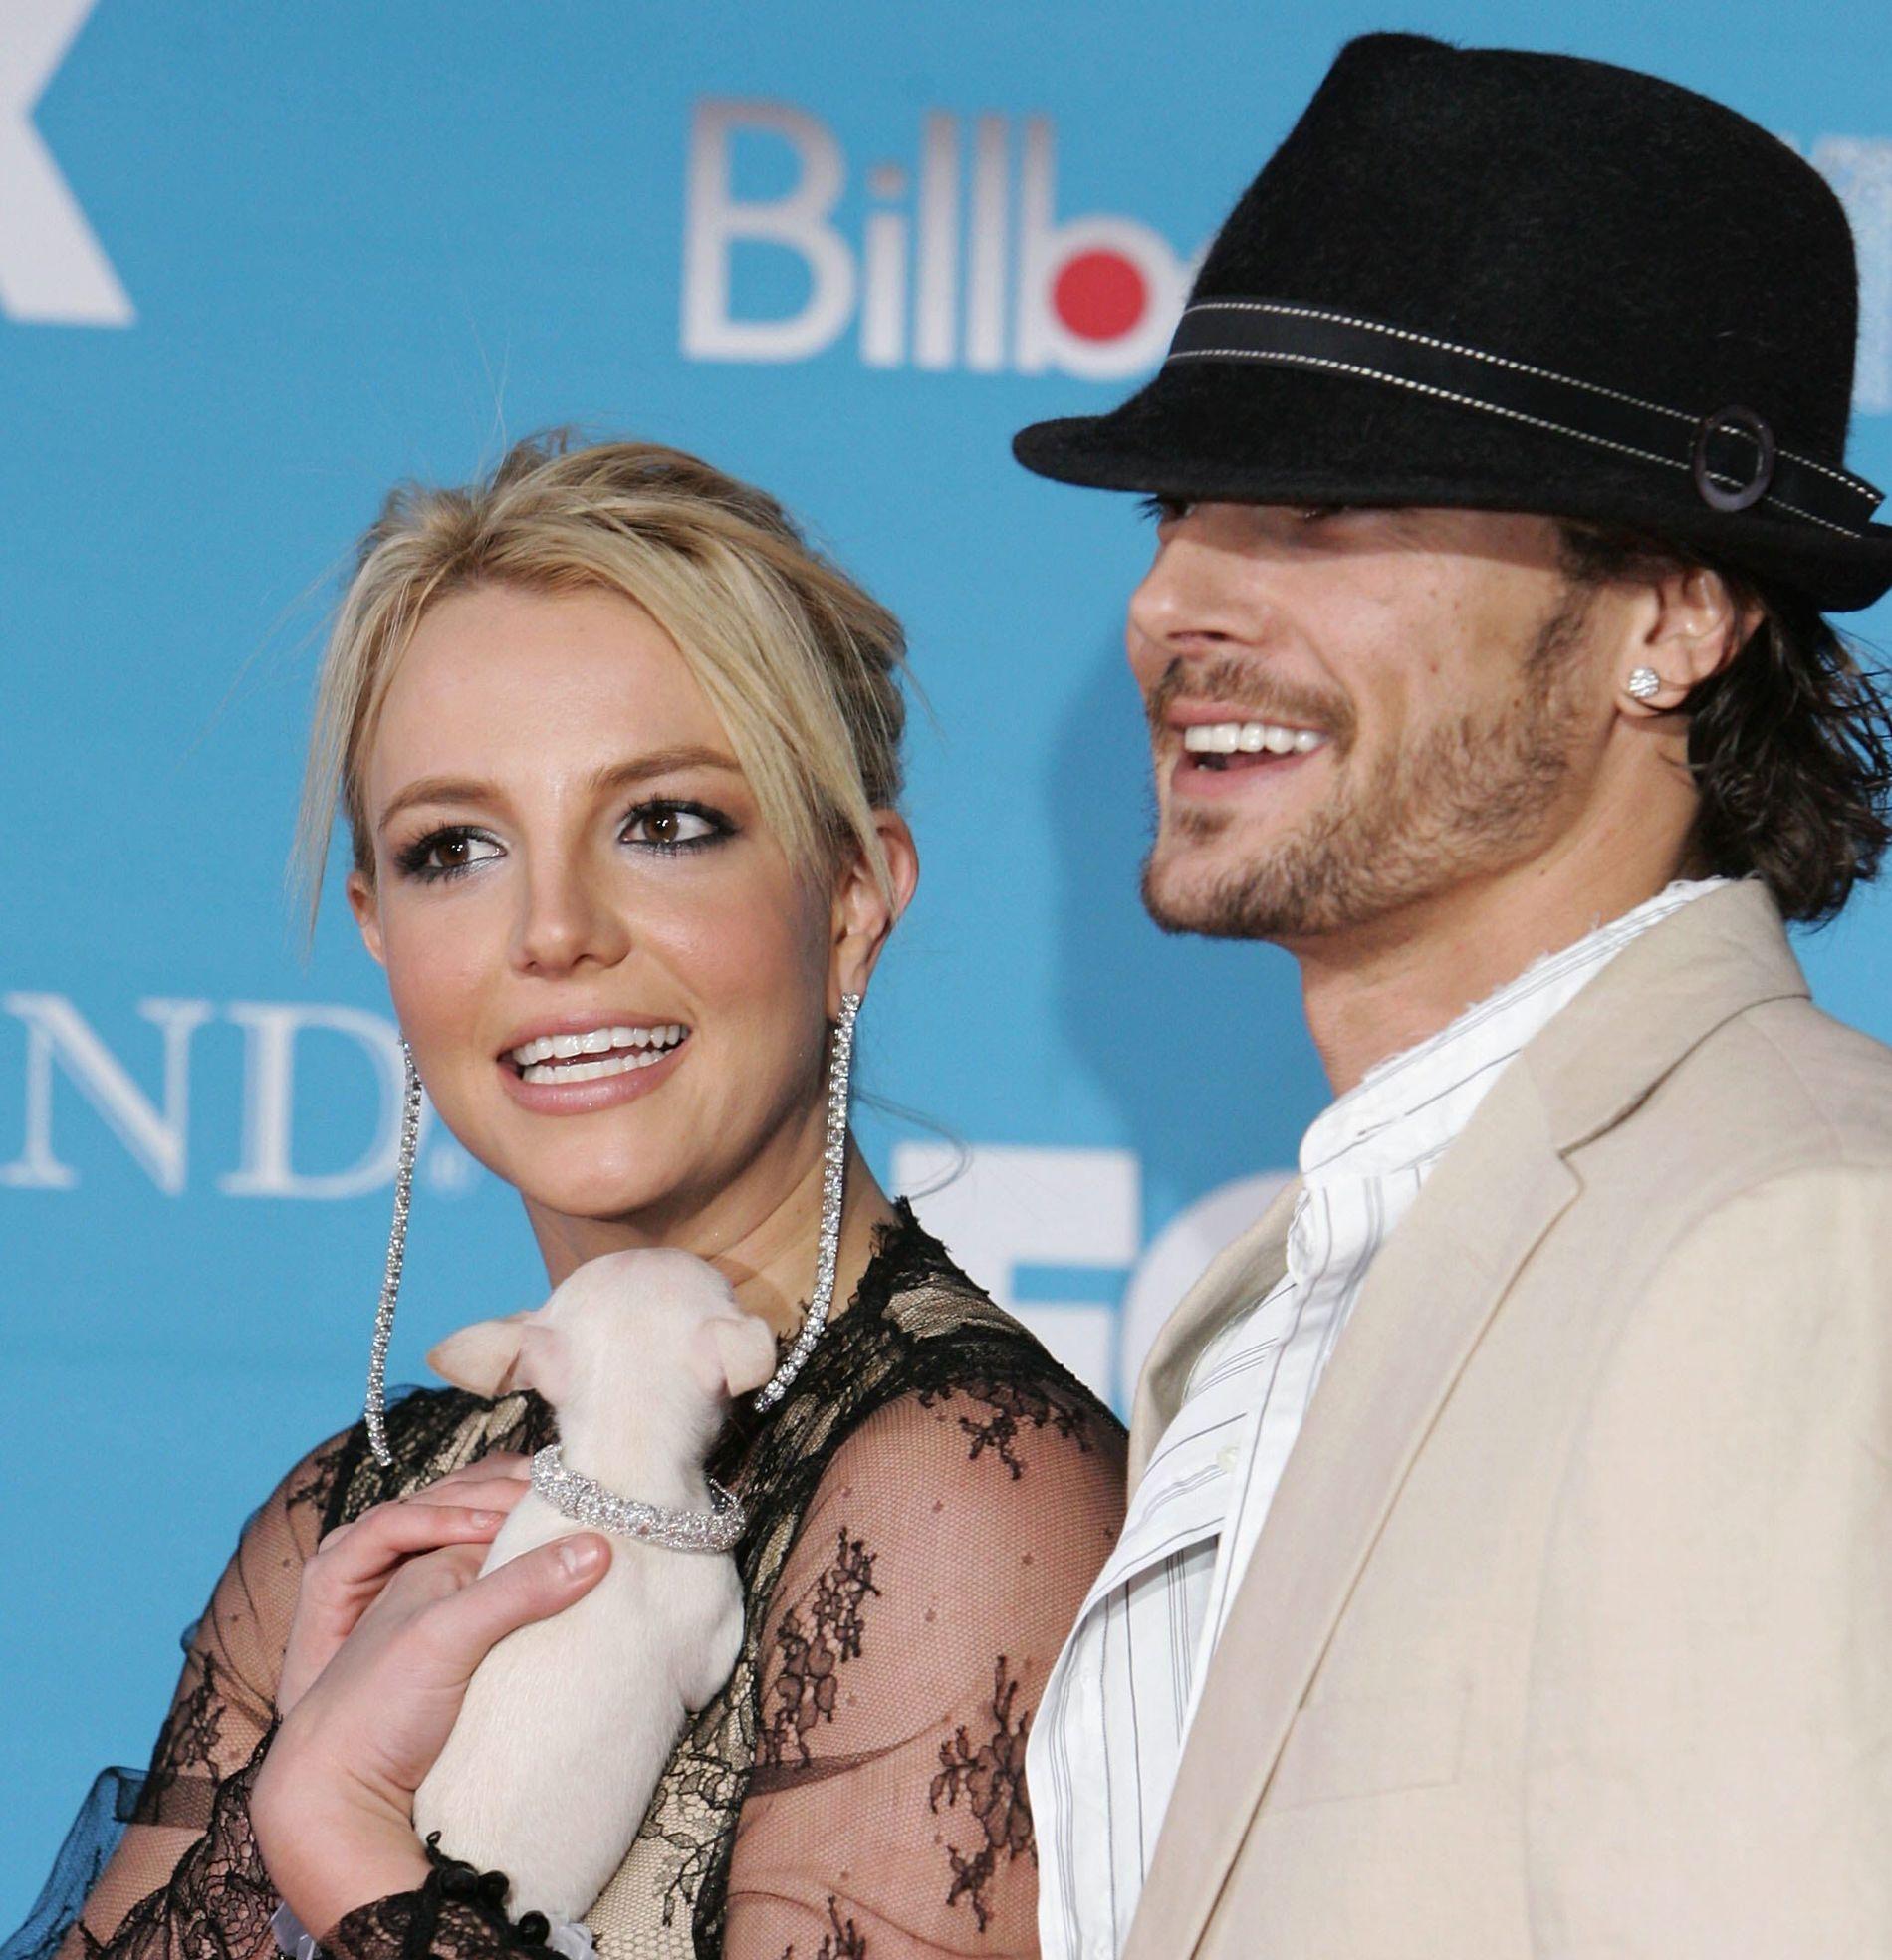 KREVER MER: Kevin Federline, her sammen med Britney Spears i 2004, året de giftet seg. Forholdet tok slutt i 2007.